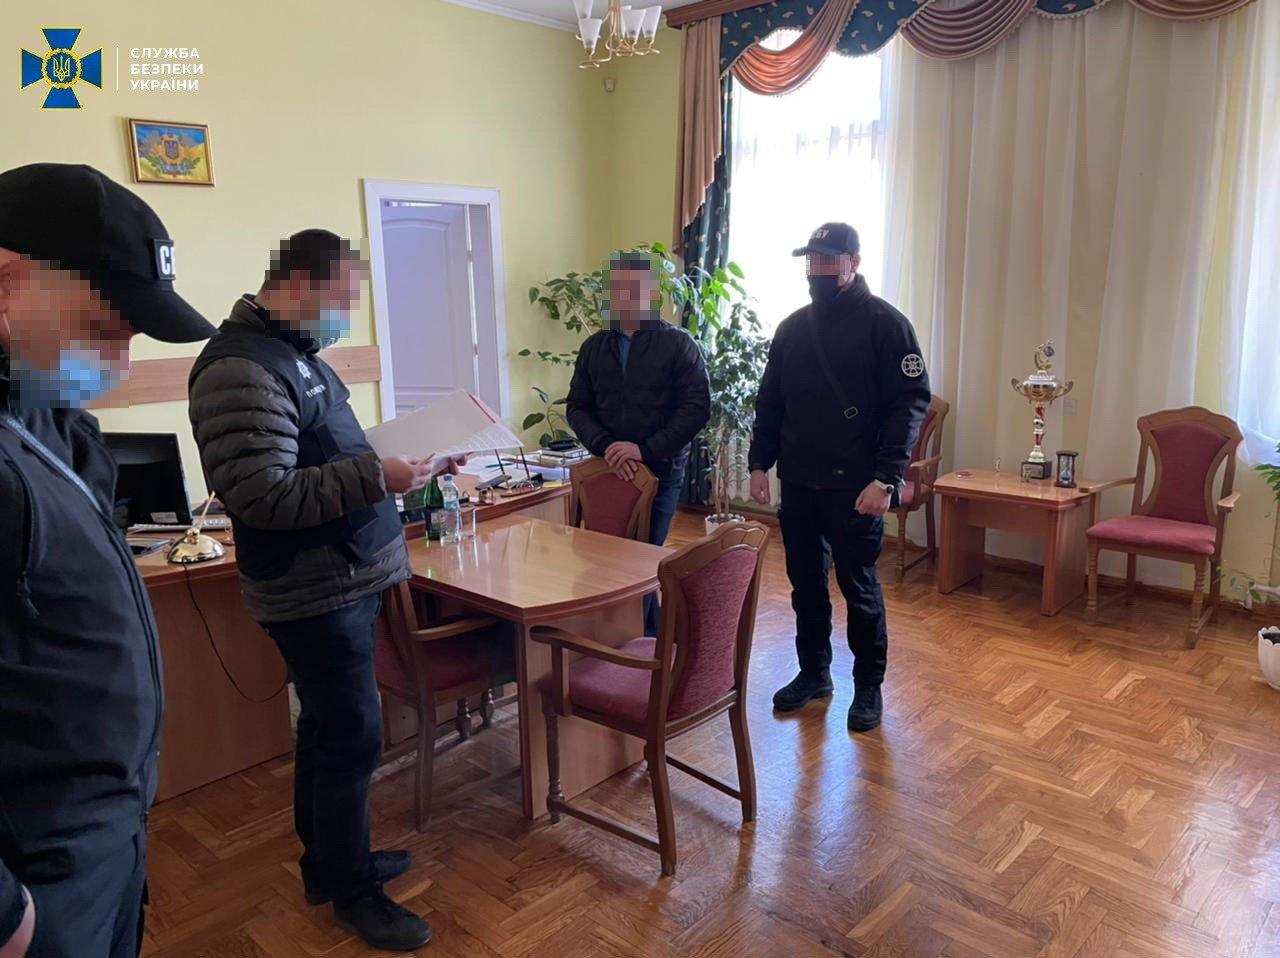 """Спецоперация СБУ в Закарпатье: Чиновники """"Укрзализныци"""" положили себе в карман 5 миллионов гривен"""